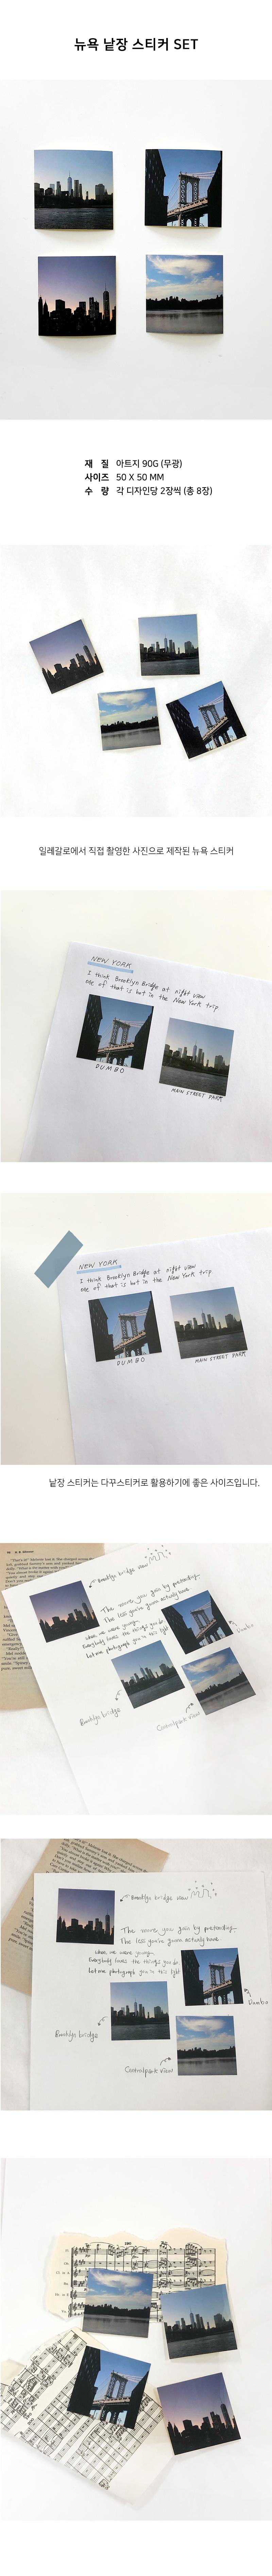 뉴욕 사진 조각 낱장 스티커 세트 - 일레갈로, 3,000원, 스티커, 디자인스티커